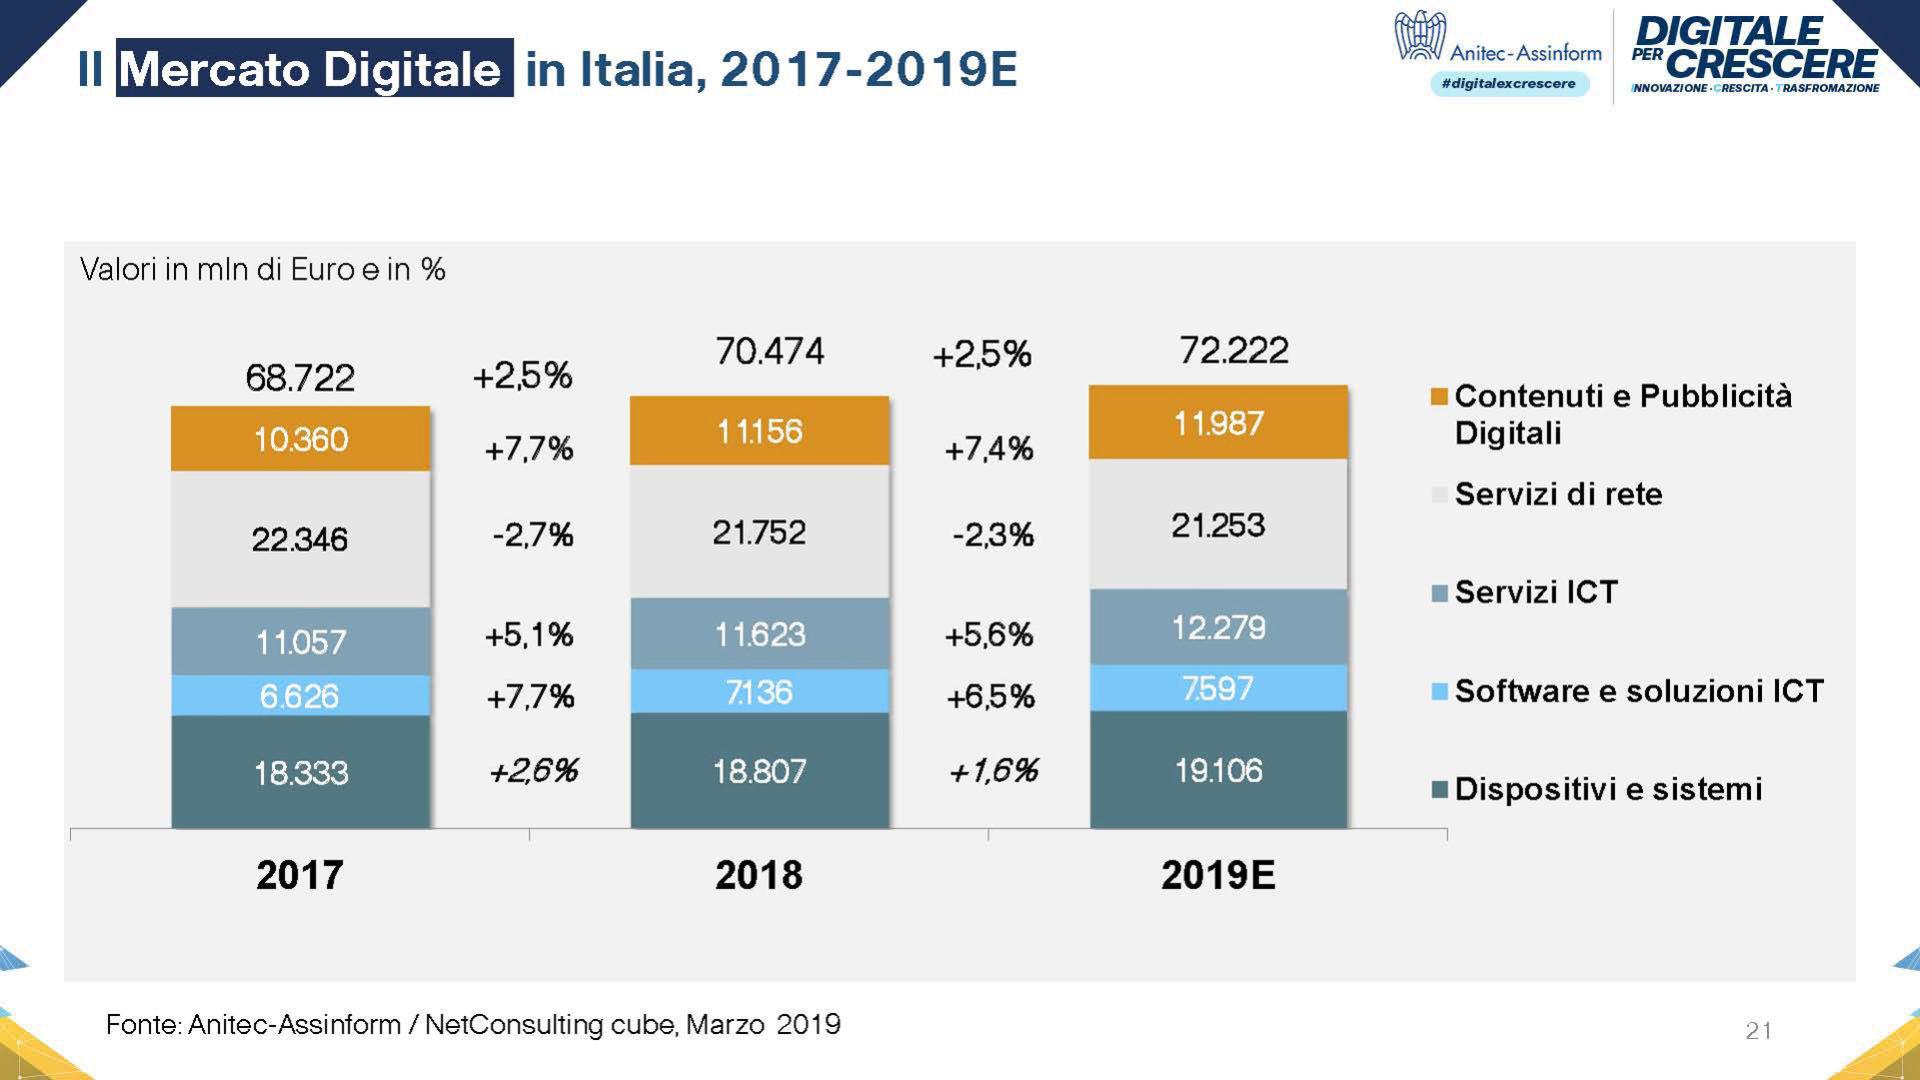 Grafico Mercato digitale in Italia 2017-2019